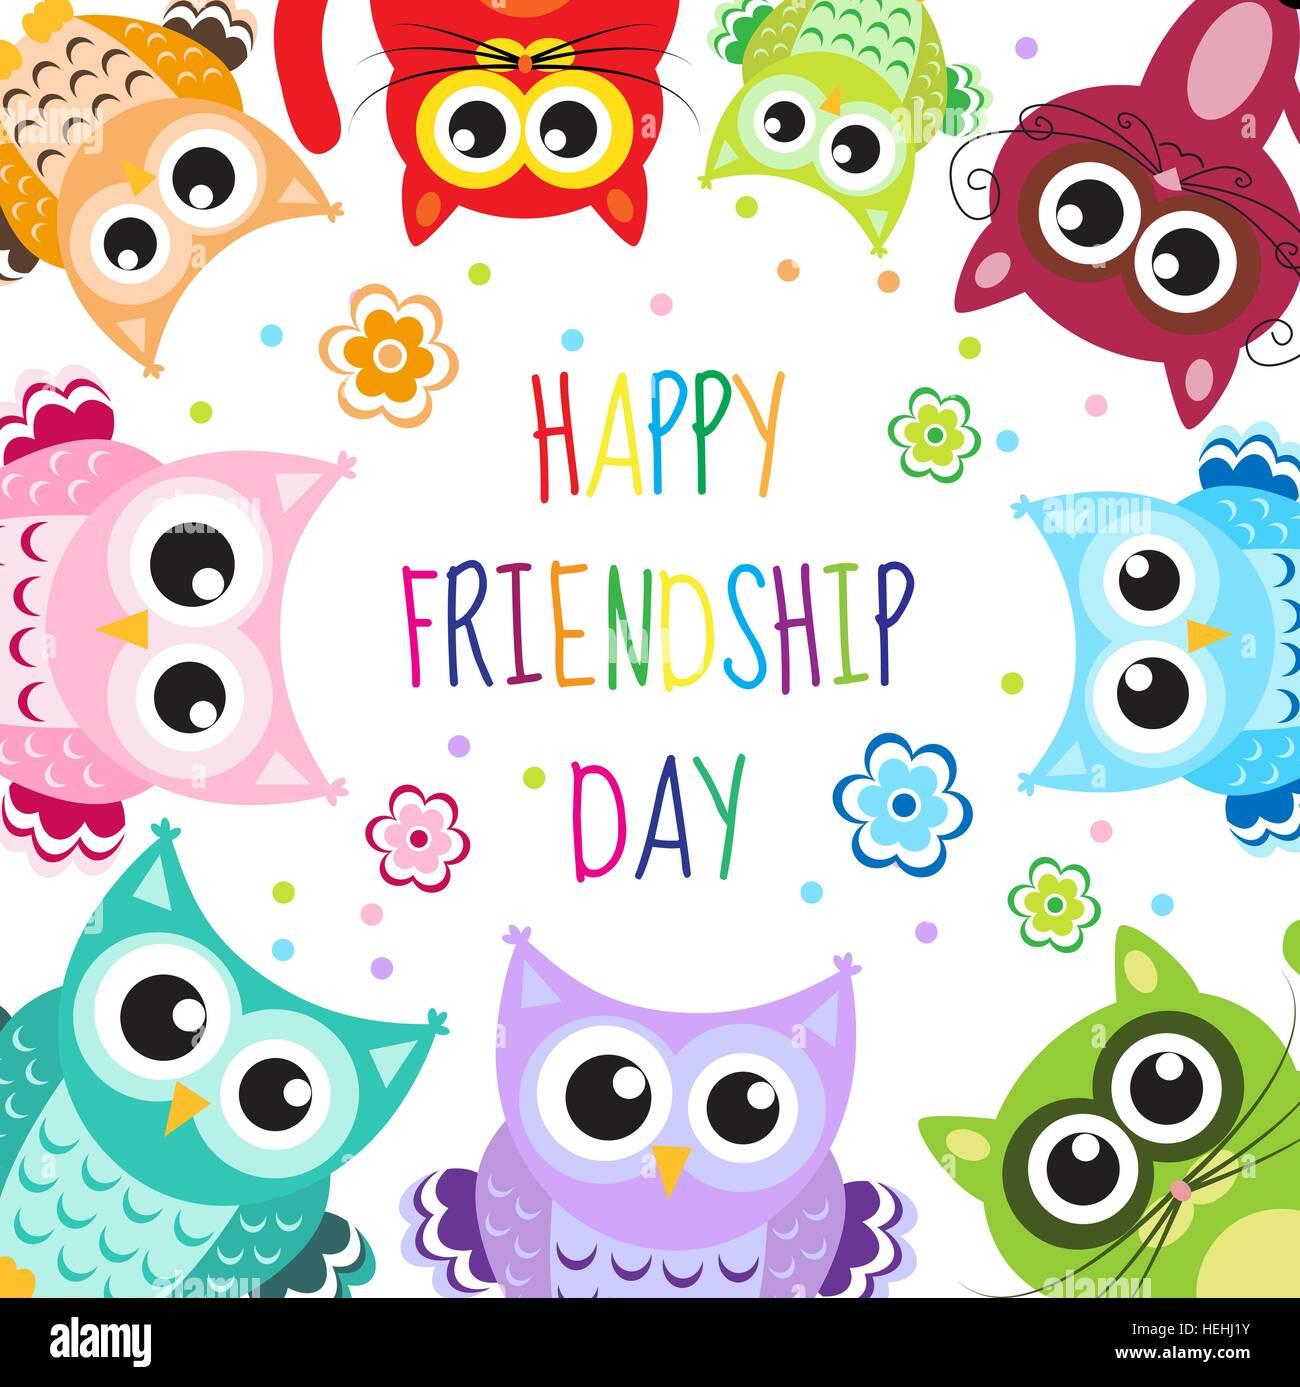 Tarjeta De Felicitación Con Un Feliz Día De La Amistad Saludo